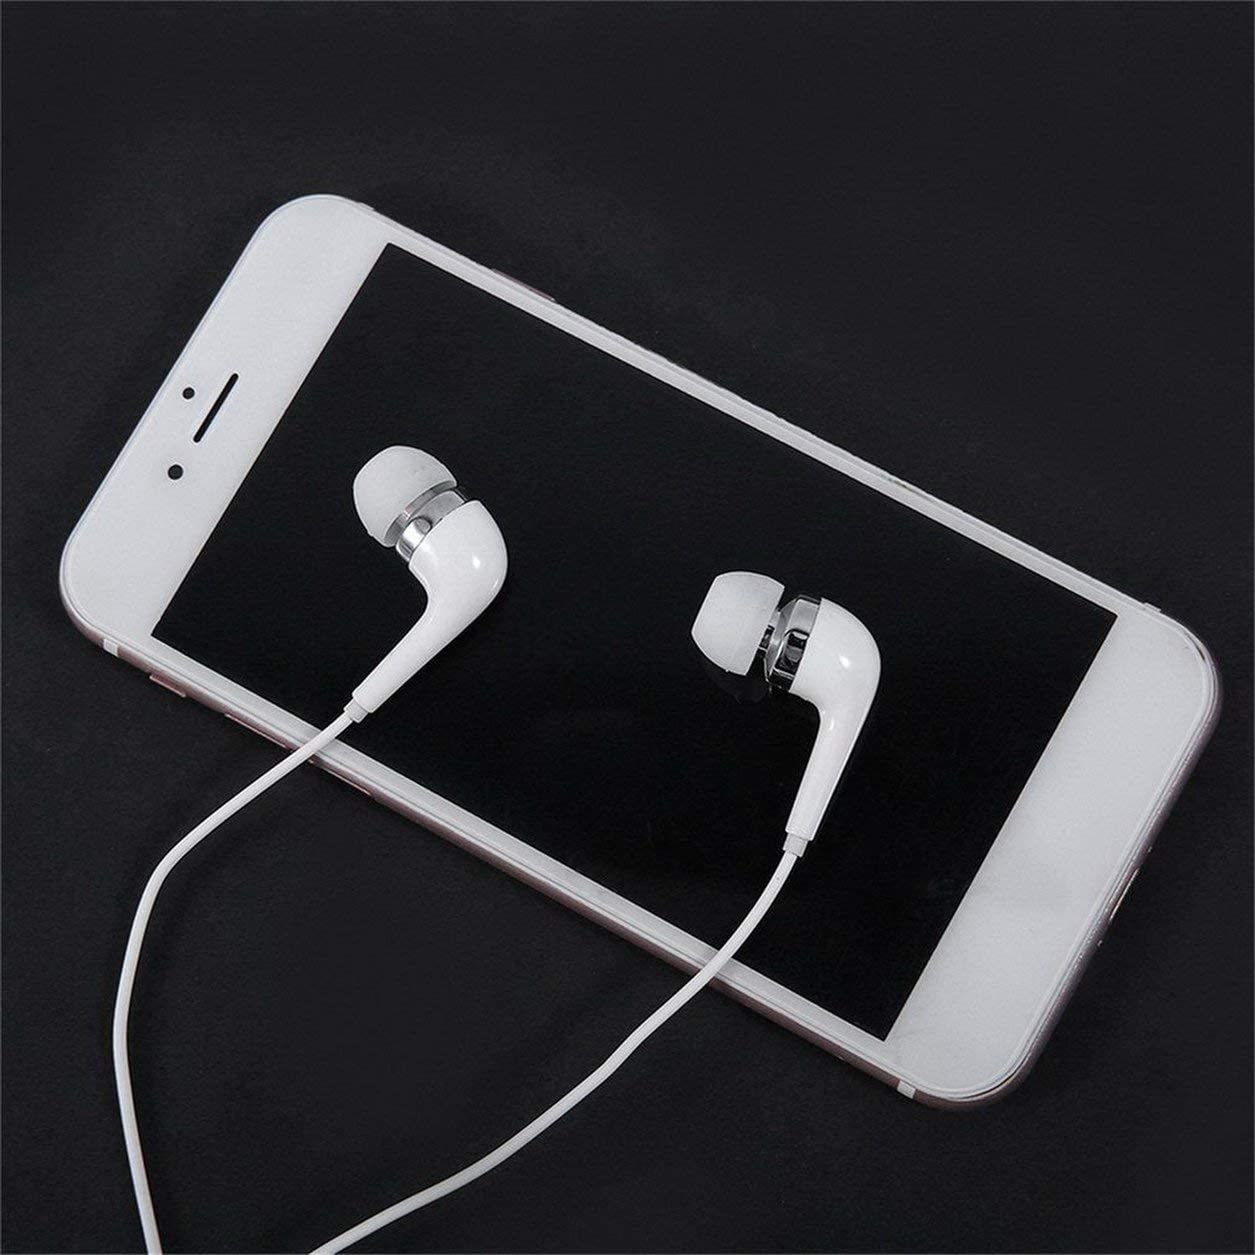 Original Type-C Ecouteur USB Accessoire Casque Num/érique Filaire Contr/ôle Dans loreille Casque Ecouteur Num/érique Pour Smartphone blanc